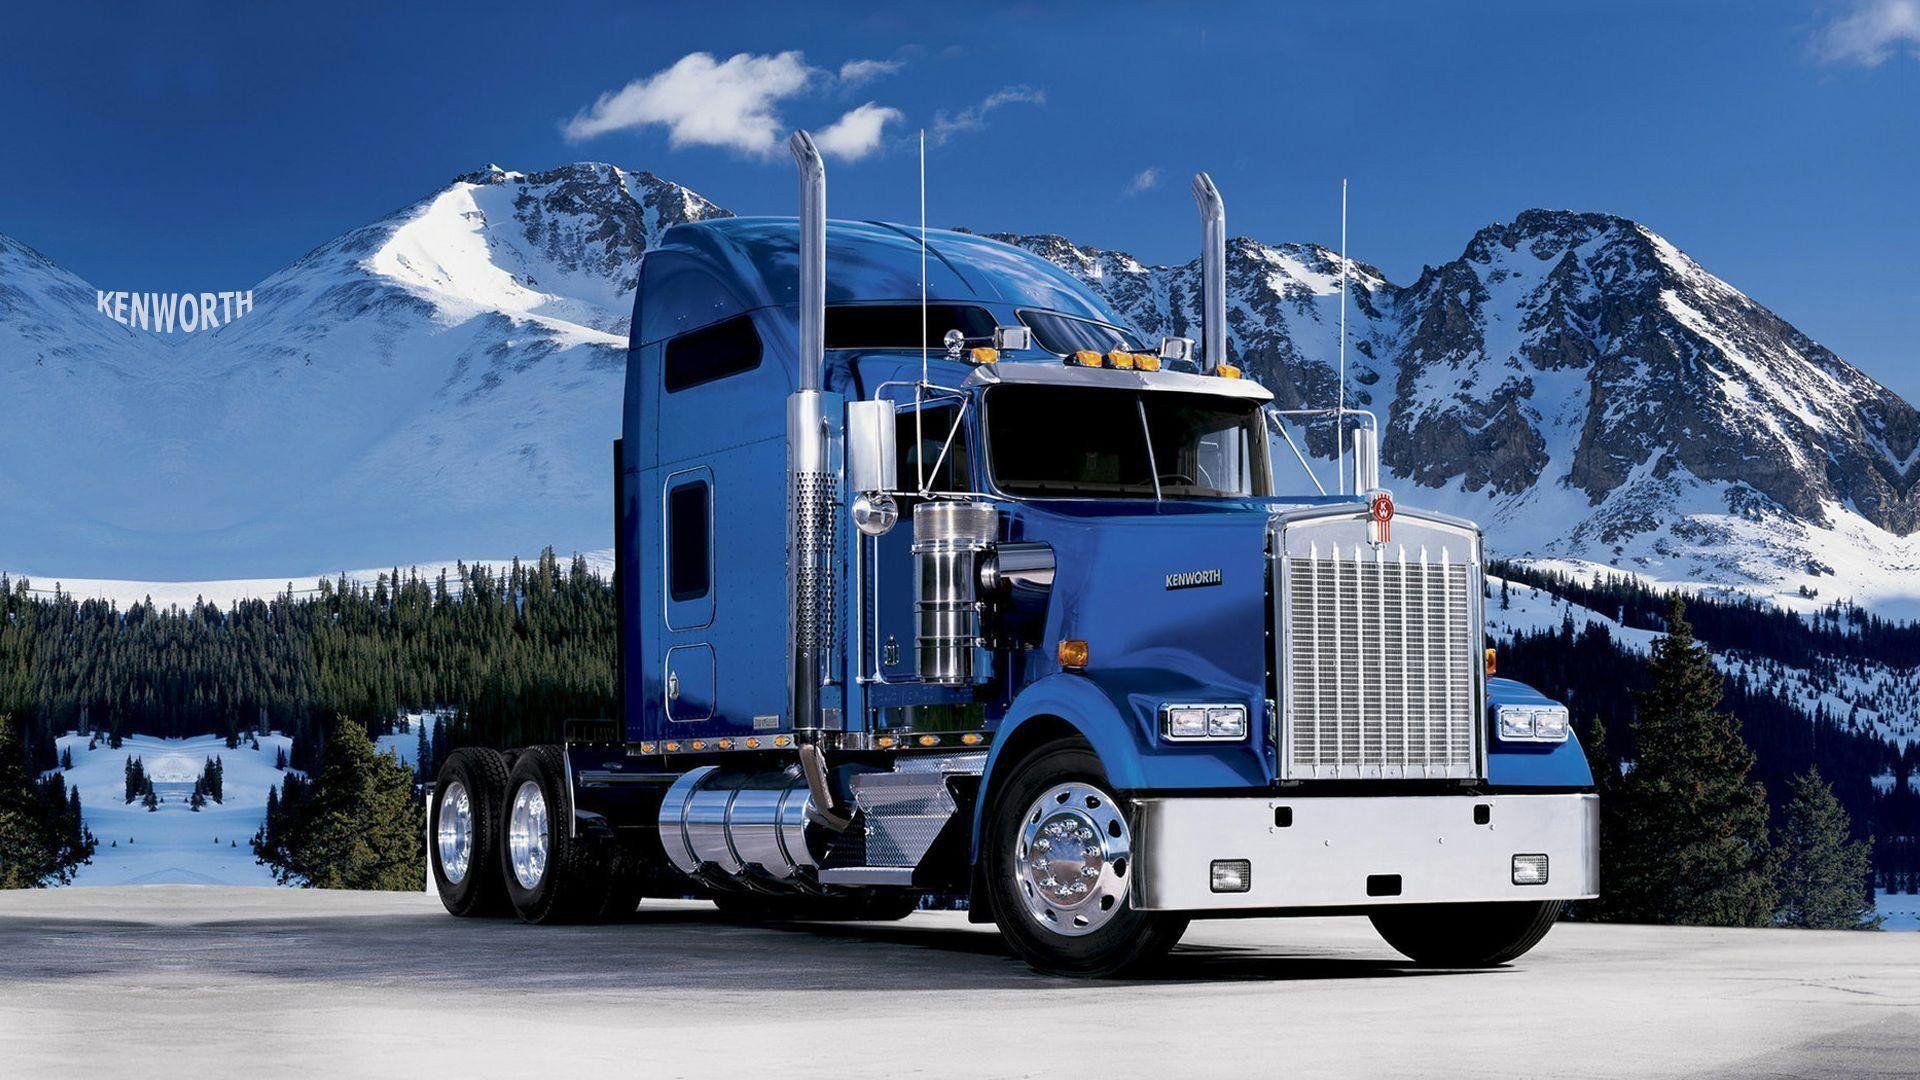 Sterling Truck Wallpaper Hd For Desktop In High Resolutions 1600 1200 Truck Wallpapers 56 Wallpapers Adorable Wallpaper Kenworth Trucks Kenworth Big Trucks